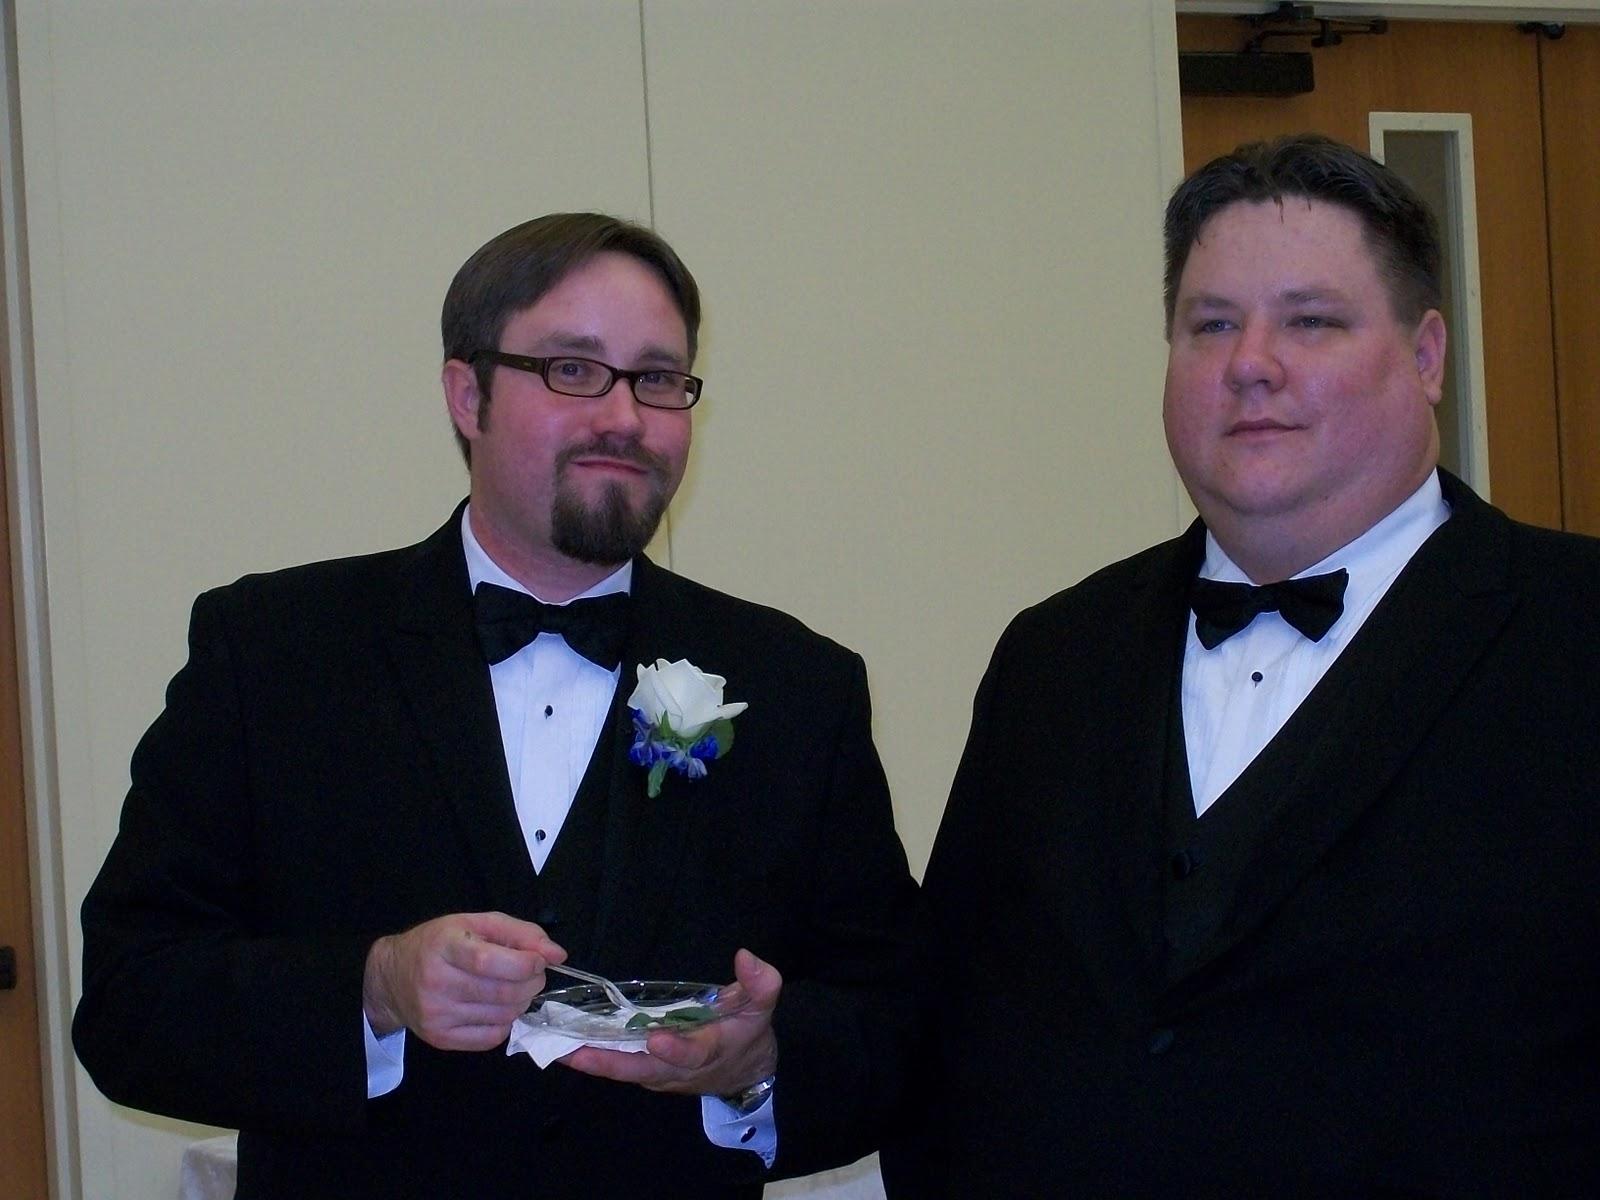 Our Wedding, photos by Joan Moeller - 100_0483.JPG